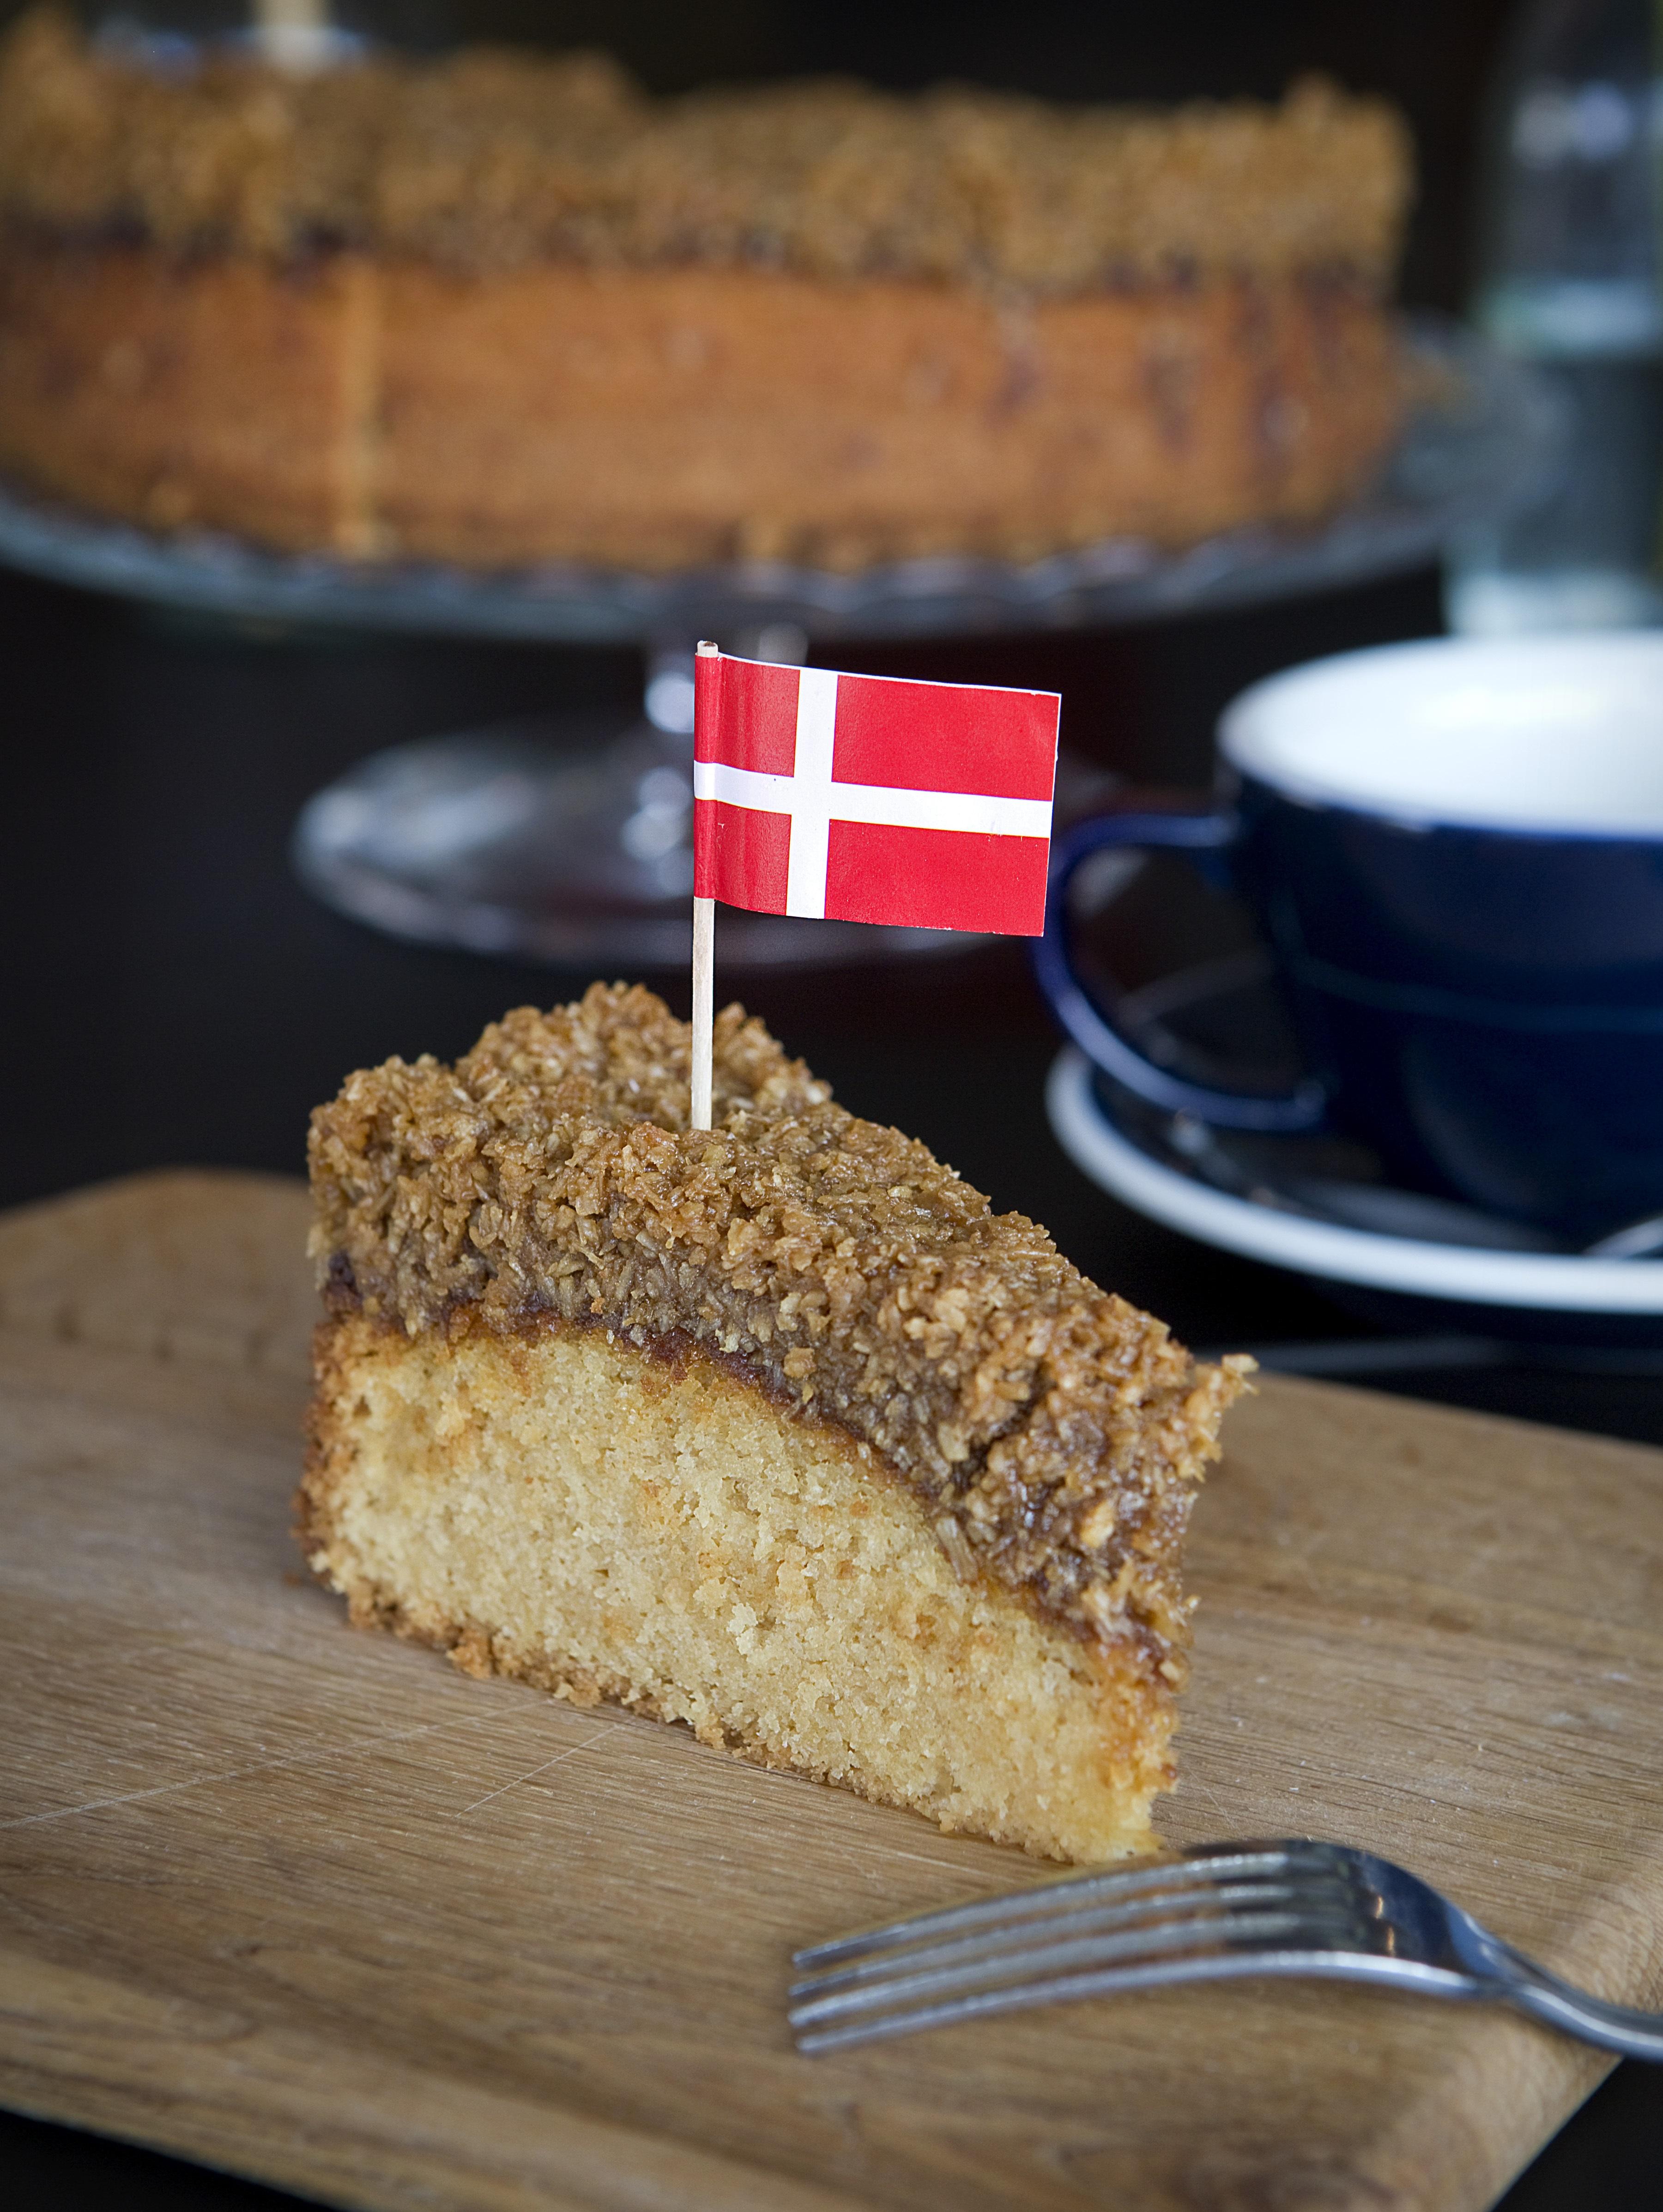 cake-photos-danishdreamcake-by-betina-skovbro-brod